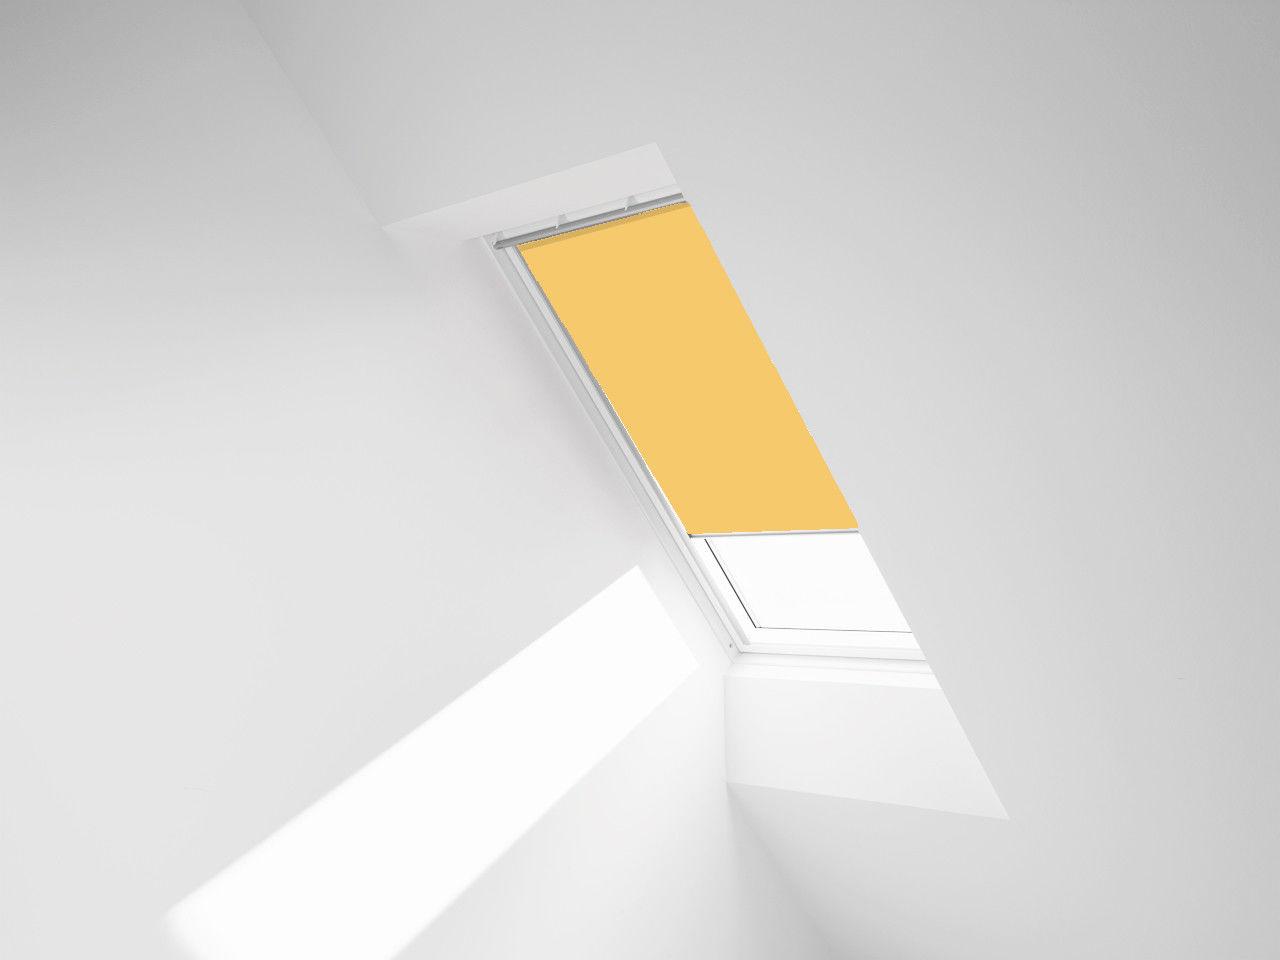 ROLETA ZACIEMNIAJĄCA ROOFART DUR - kolor 4233 (żółty) - 78x98 M4A